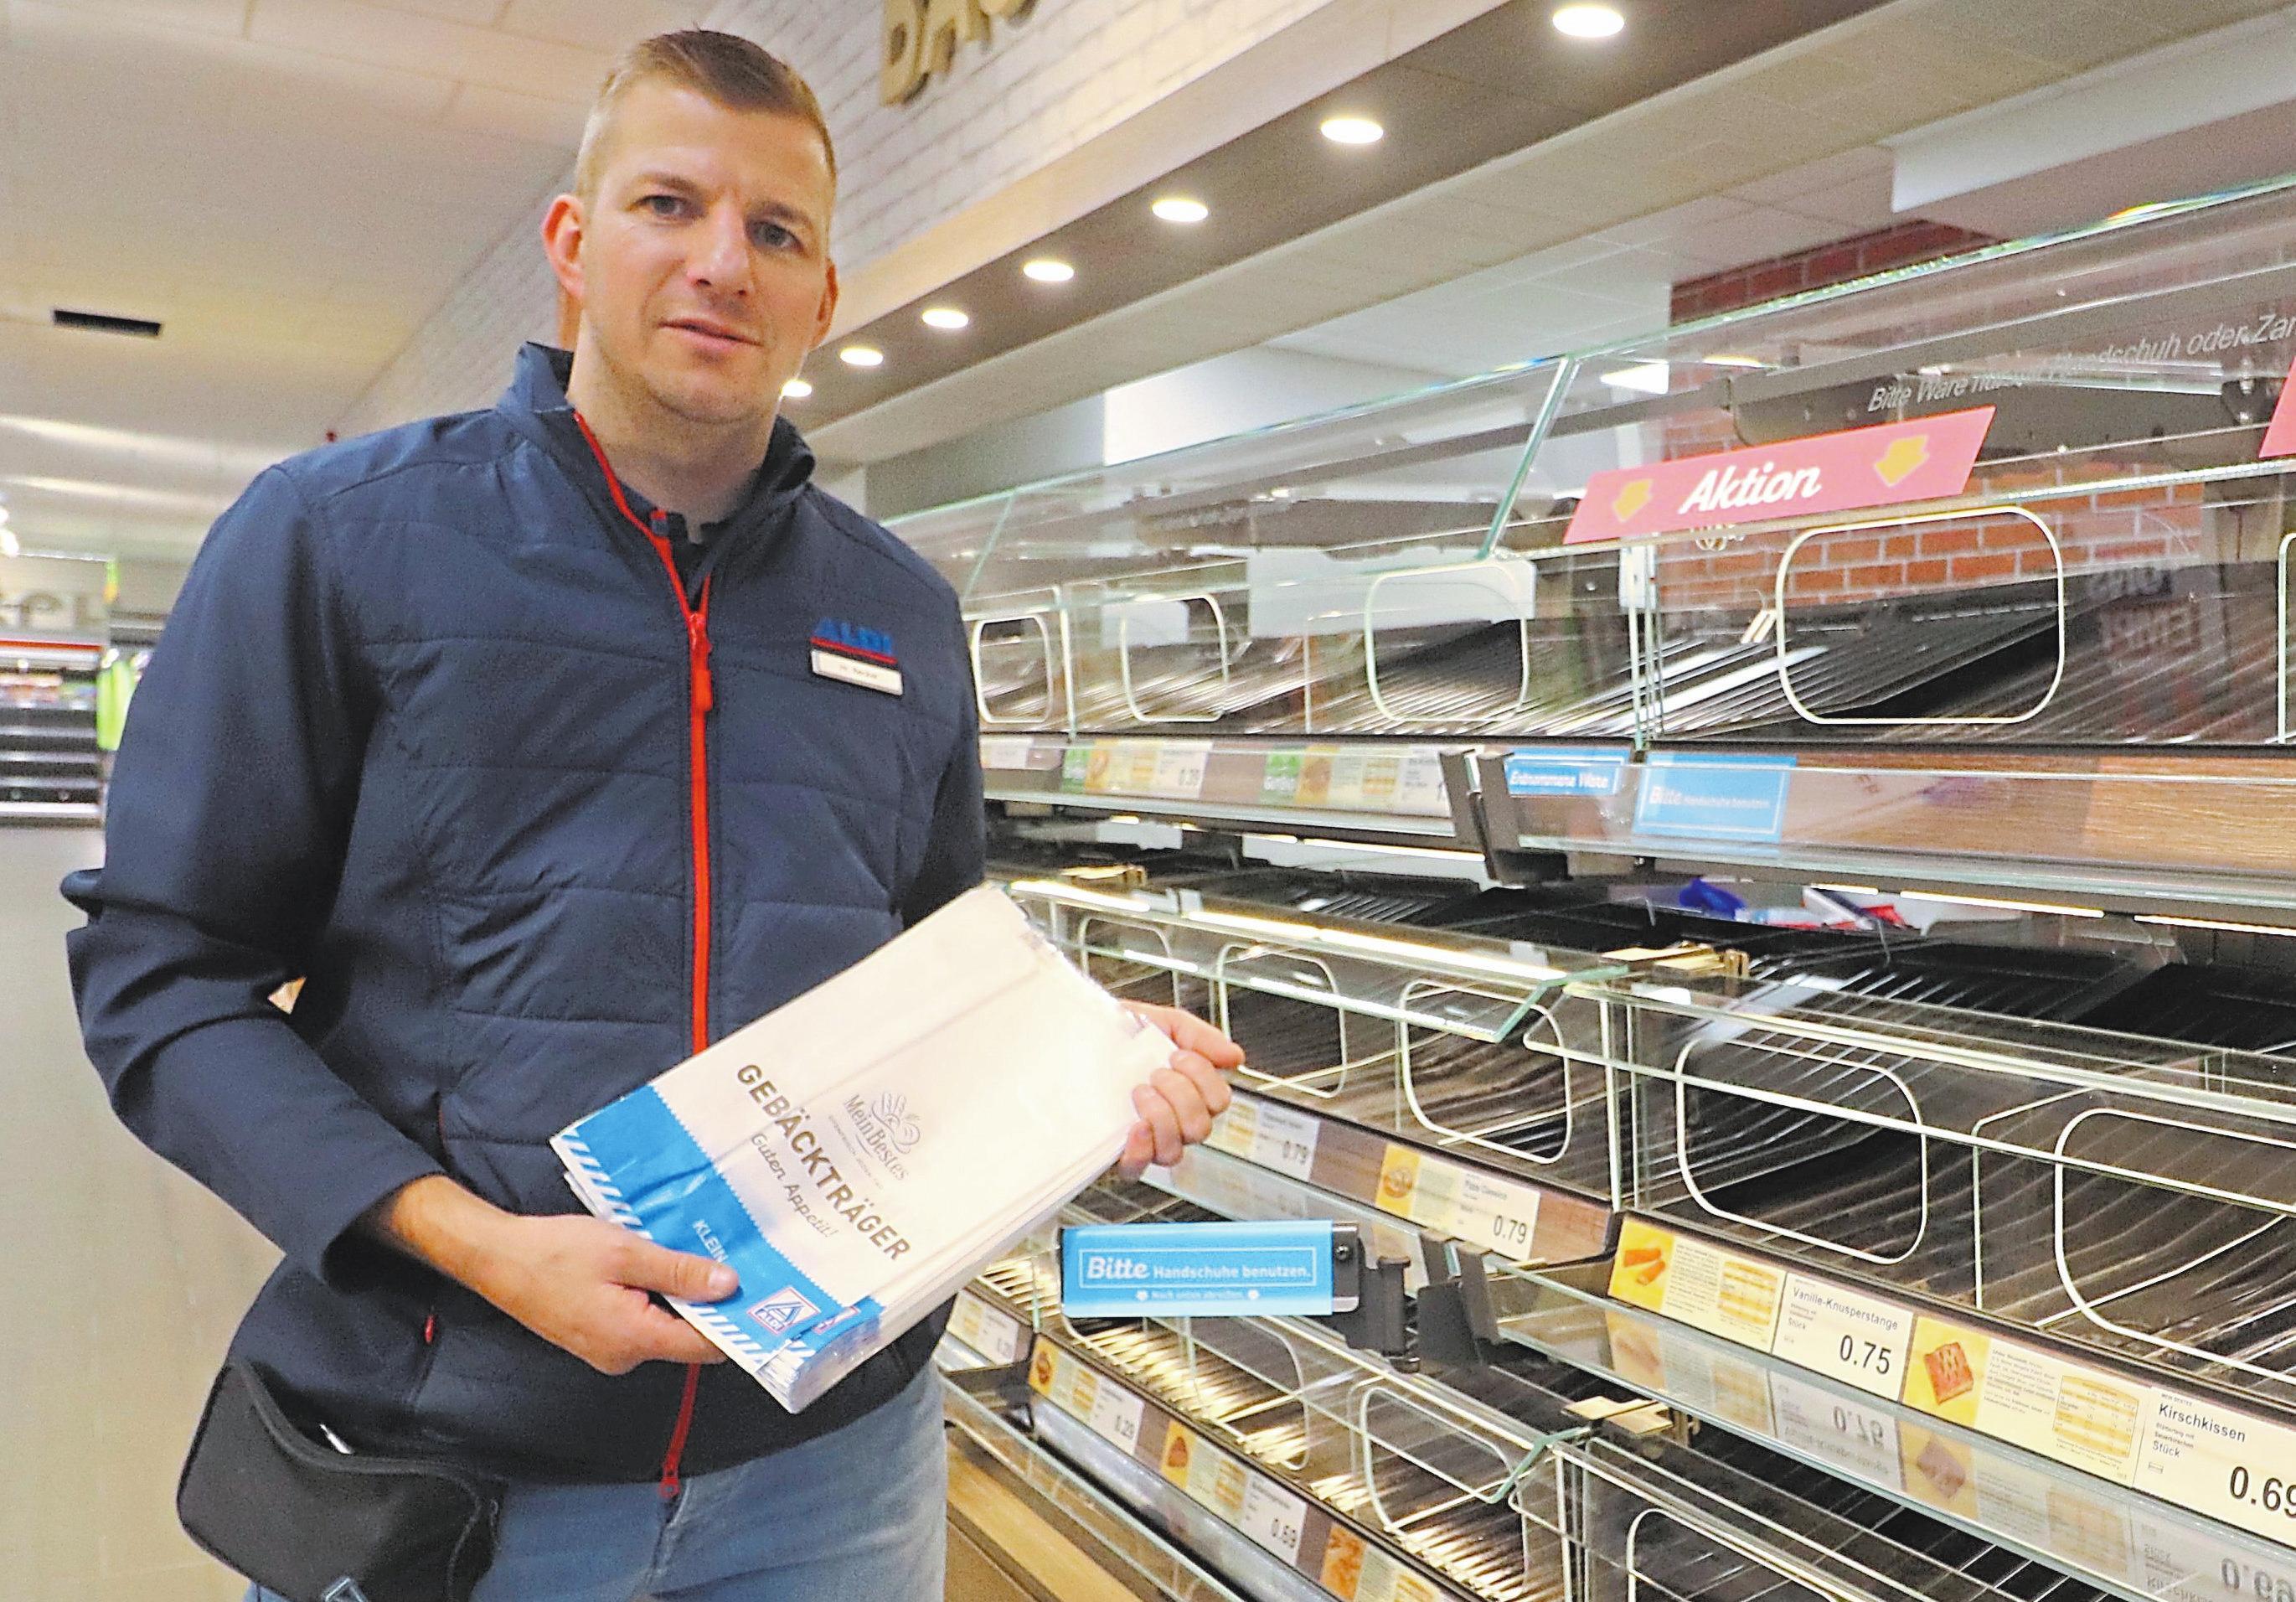 Der Filialverantwortliche Carsten Becker freut sich, dass der Neubau alserster ALDI-Markt in Gronau einen eigenen Backbereich erhalten hat.